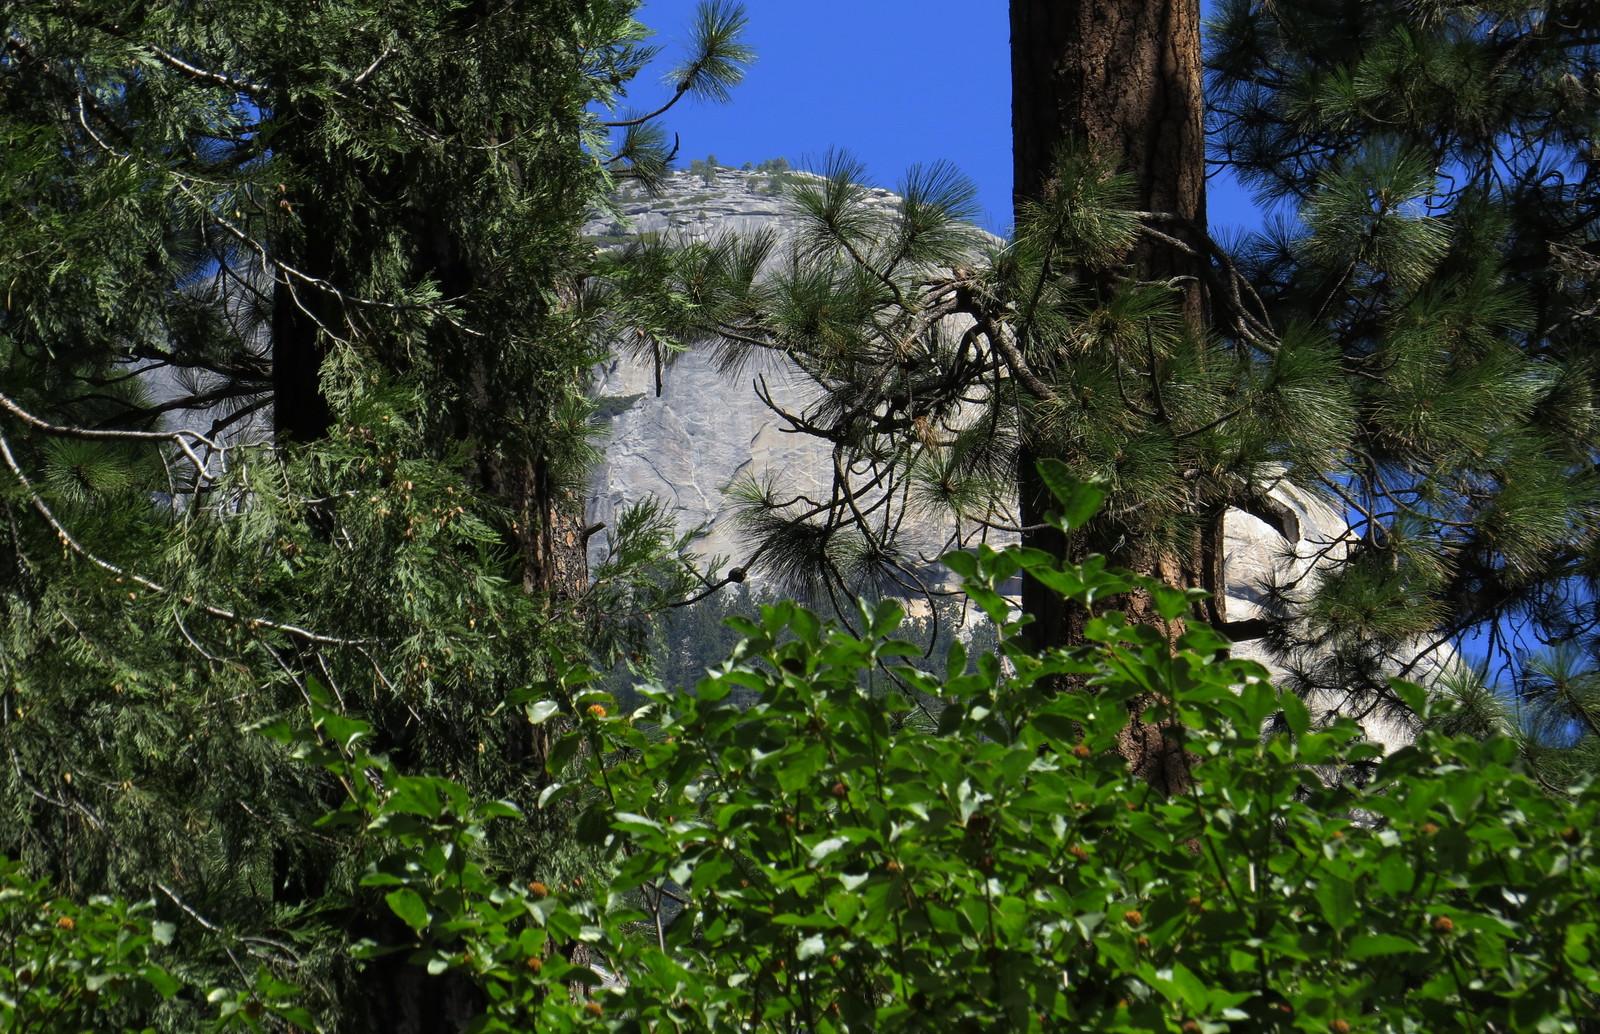 North Dome, Yosemite